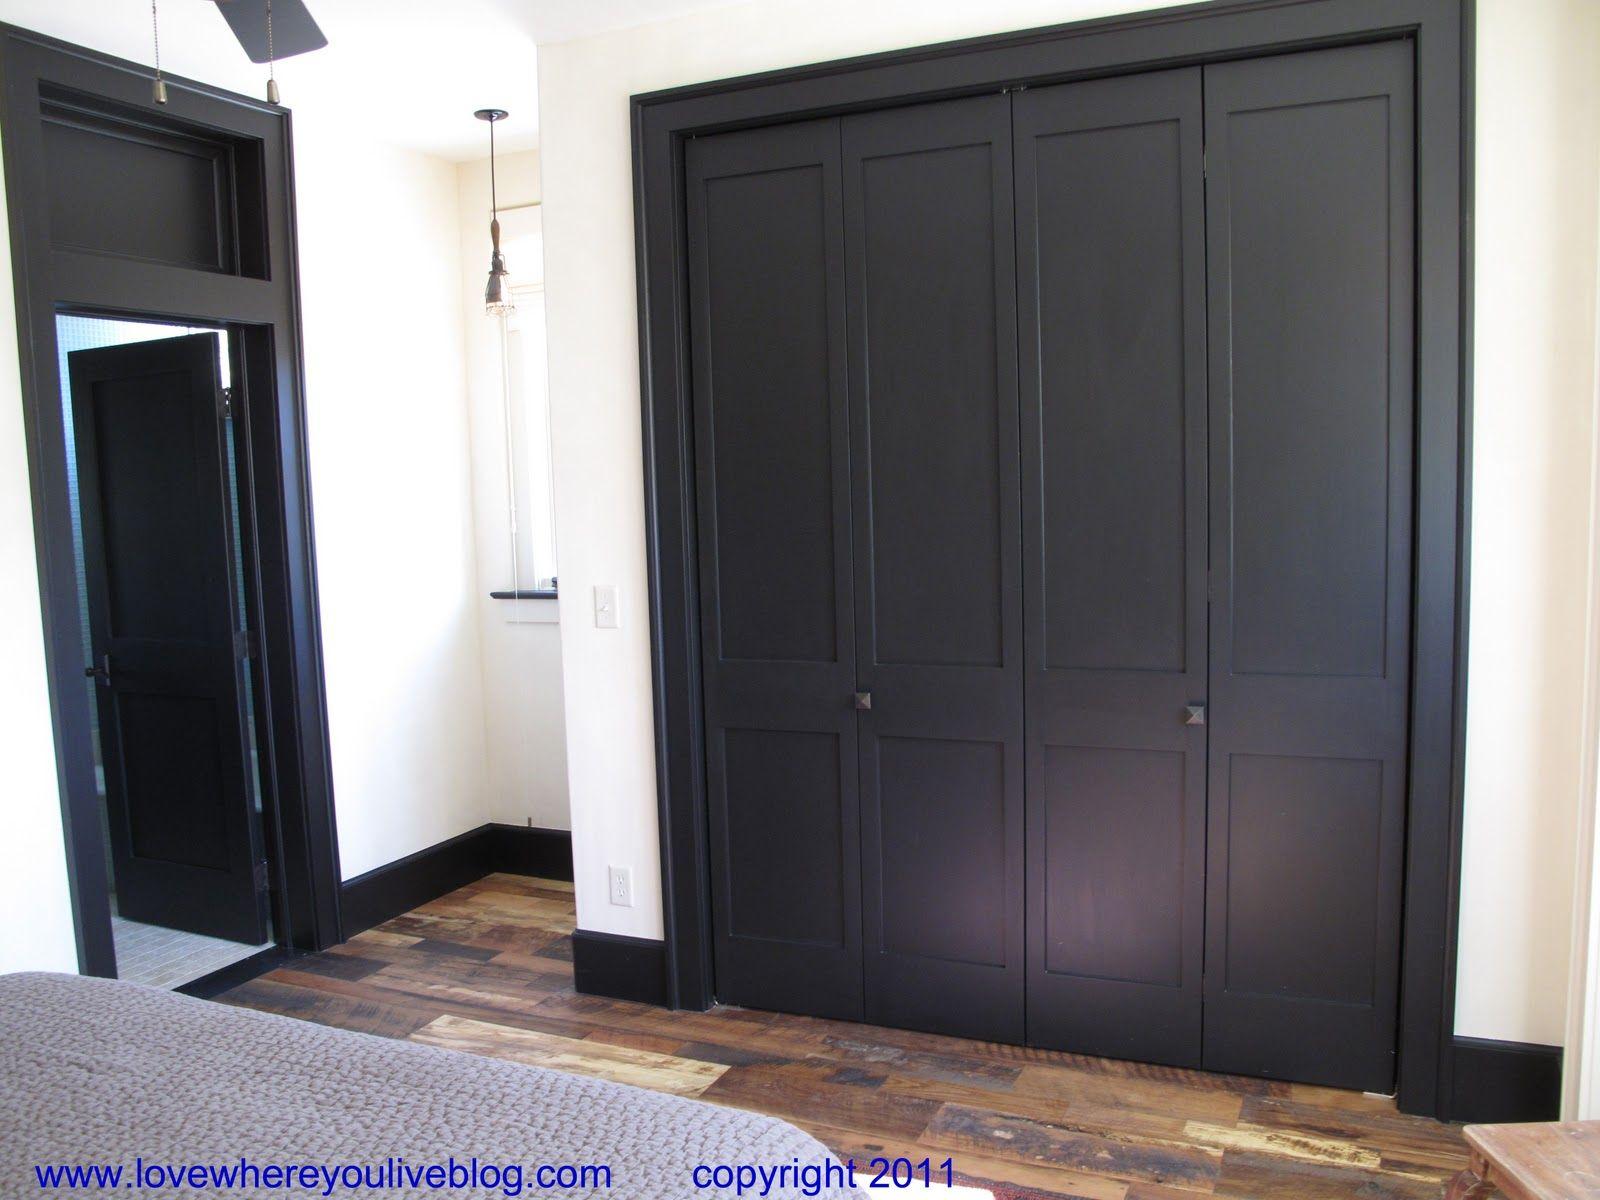 Dark trim and interior doors... an ordinary bi-fold door ...